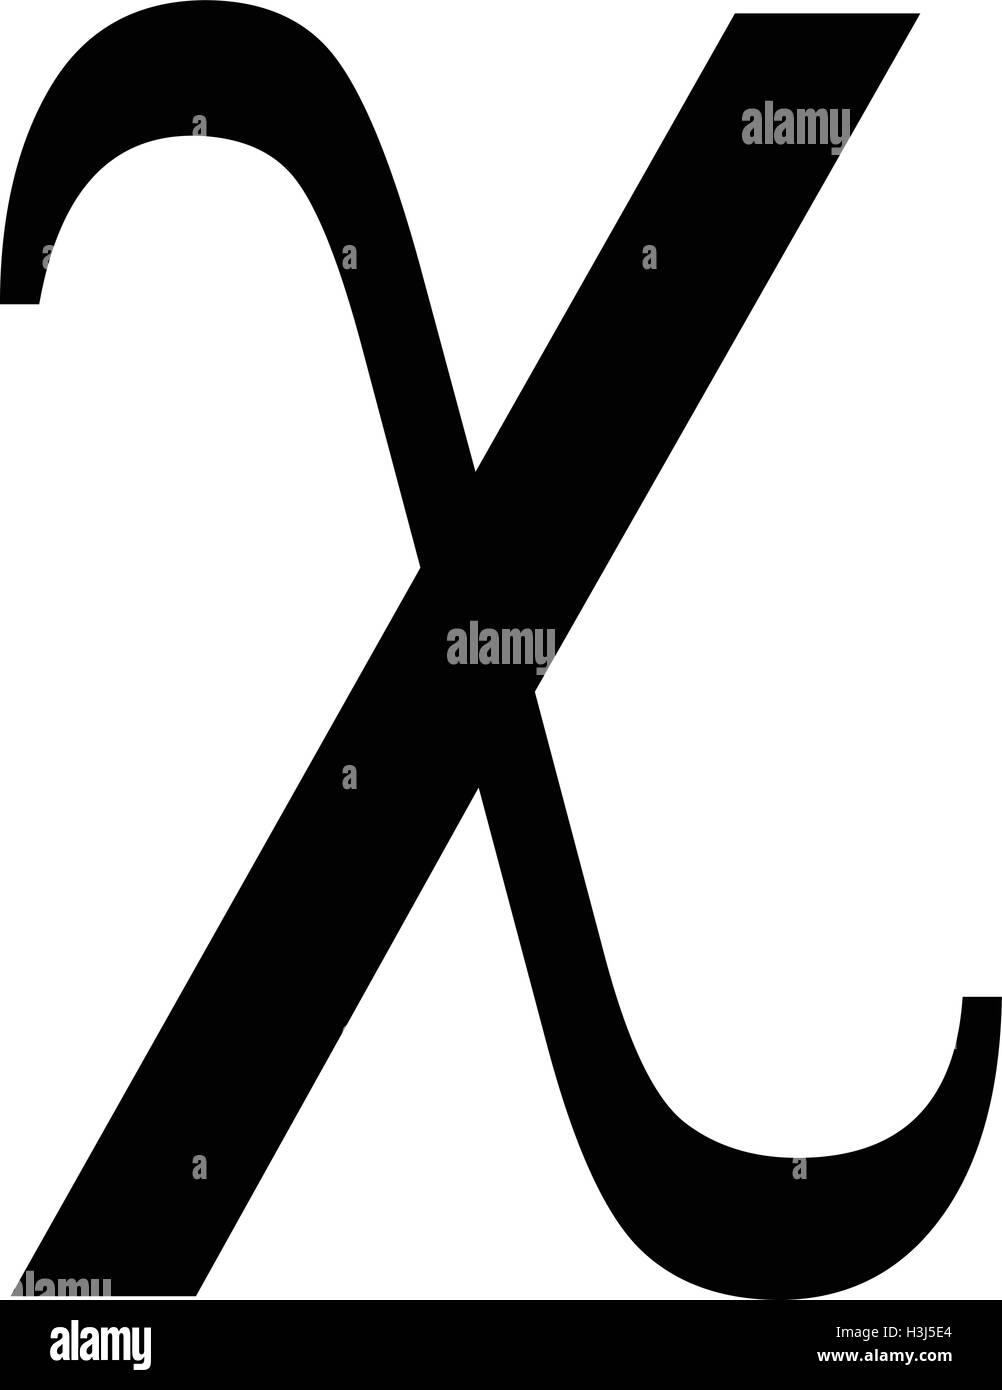 Chi greek letter icon chi symbol vector illustration stock vector chi greek letter icon chi symbol vector illustration biocorpaavc Gallery